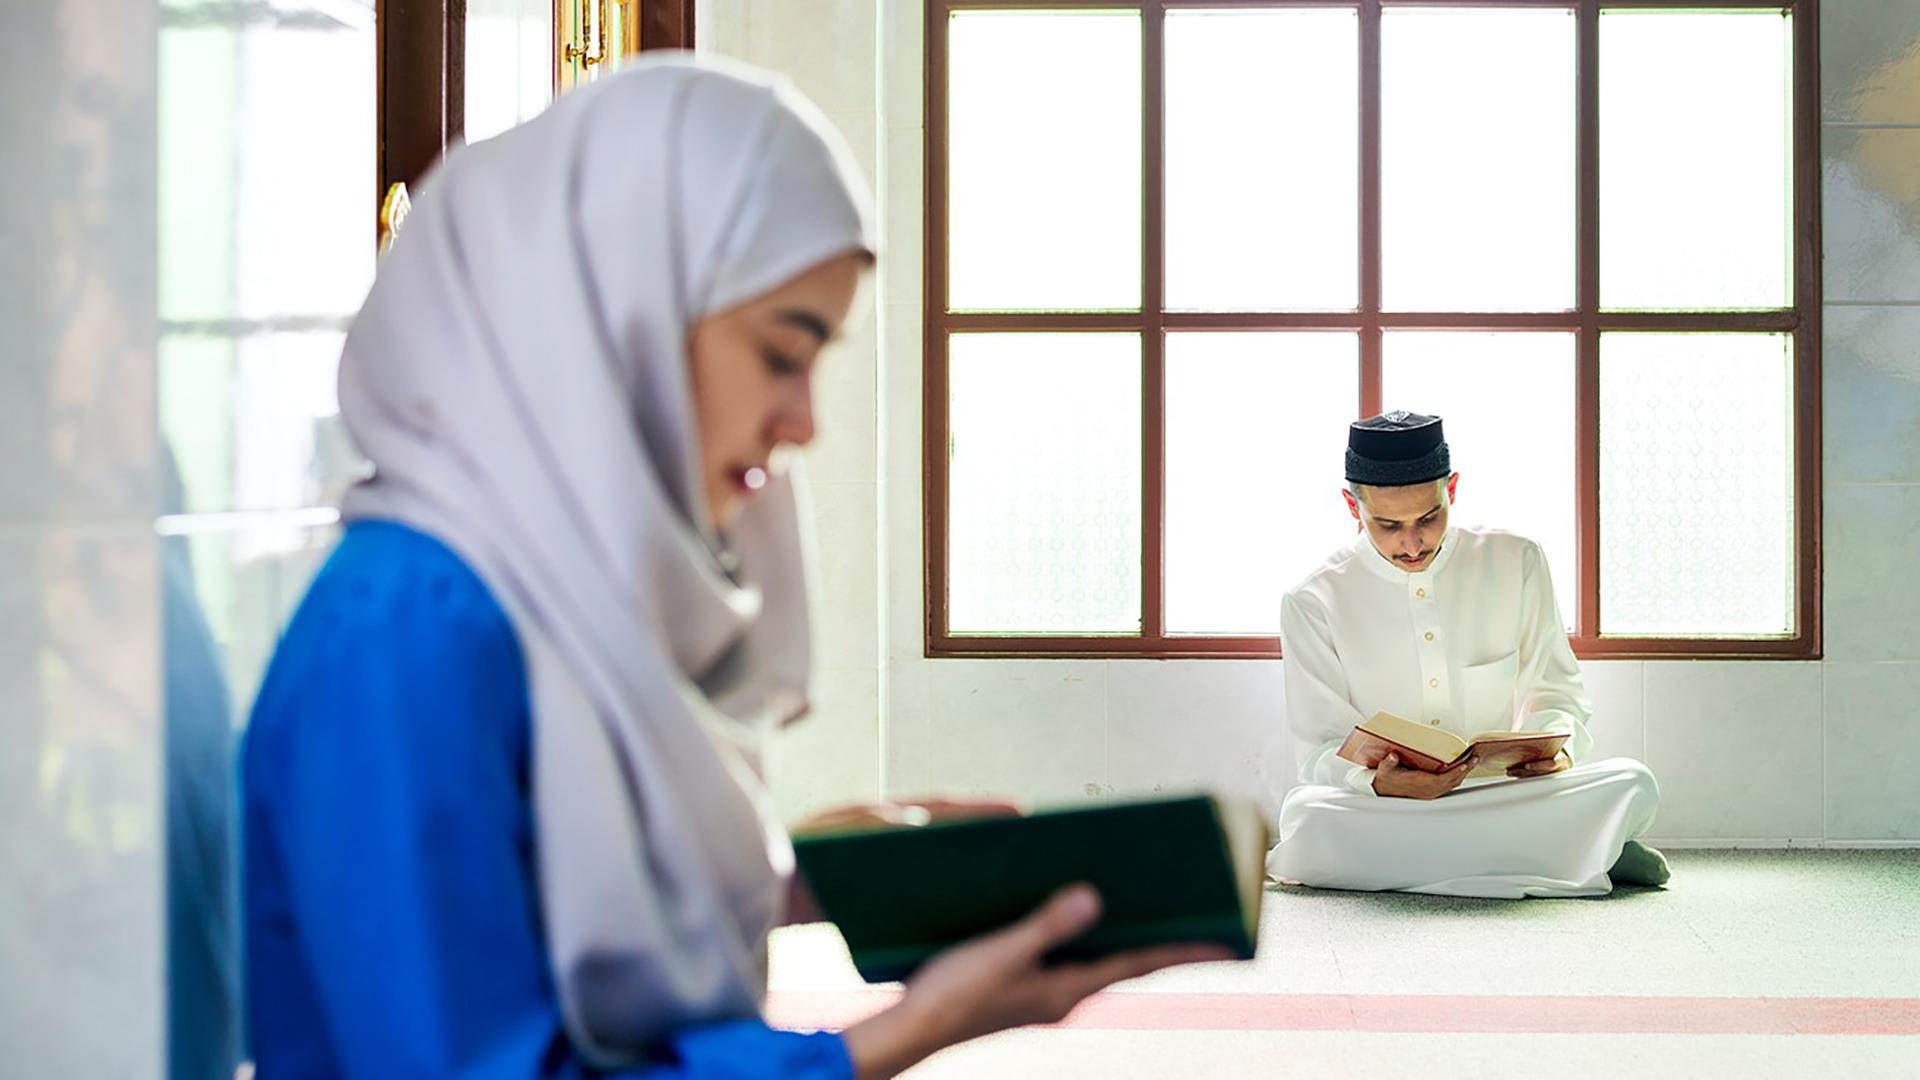 Bina-Qurani-Tafakur-dalam-islam-menurut-Alquran-dan-hadis-adalah